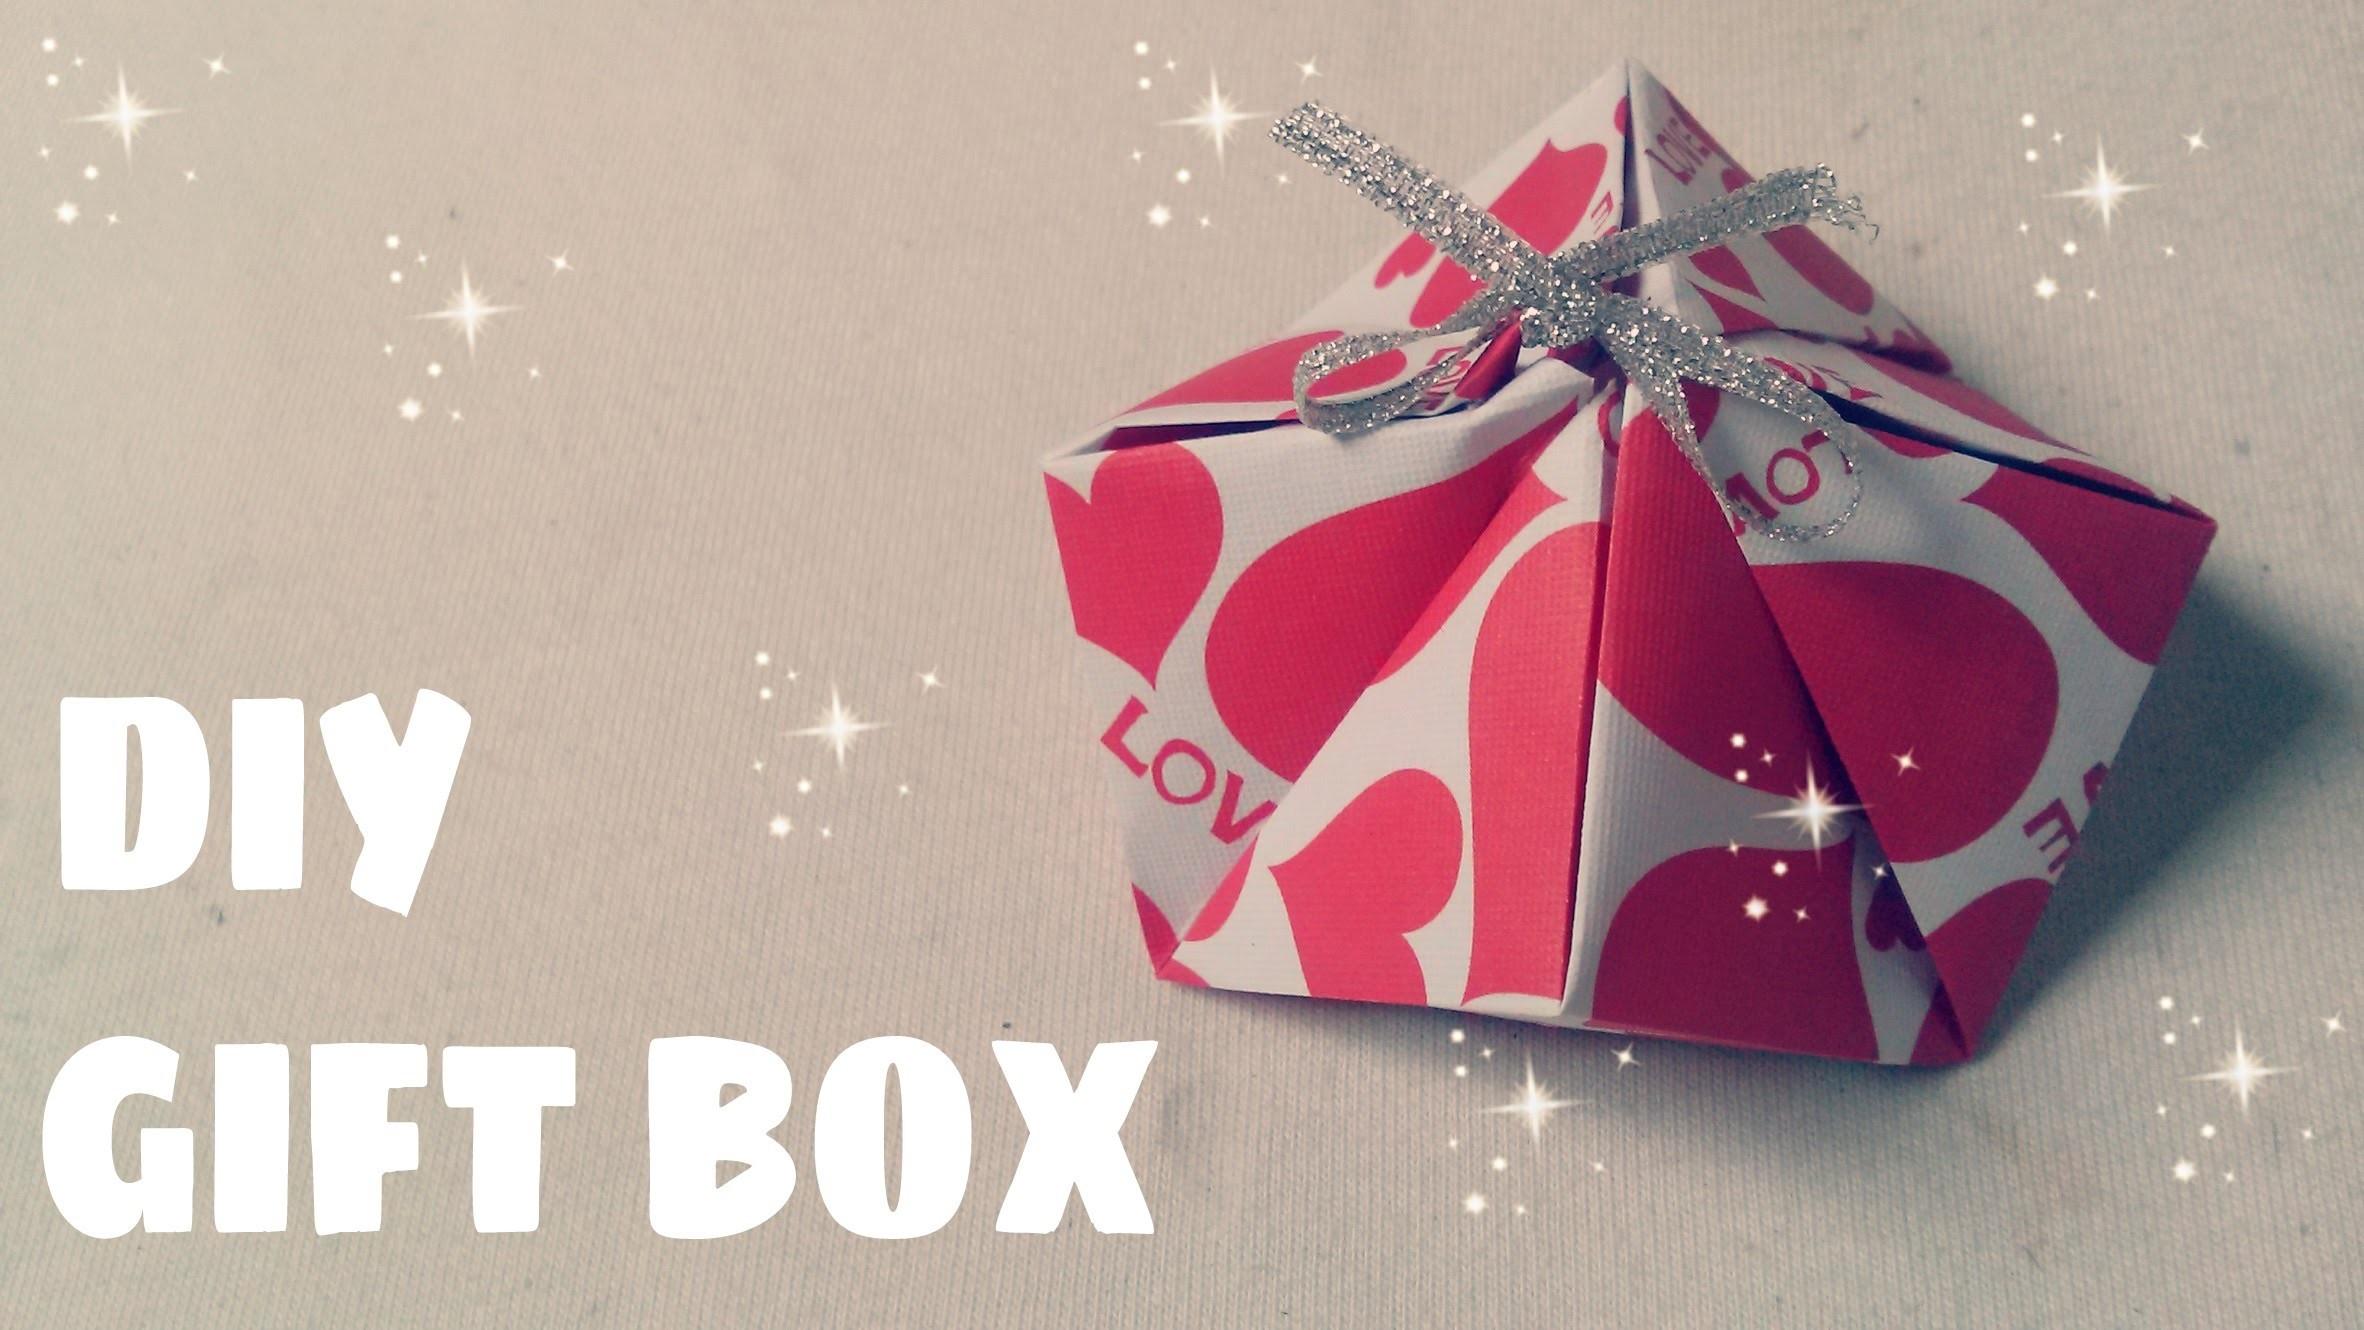 DIY - Gift Box Handmade